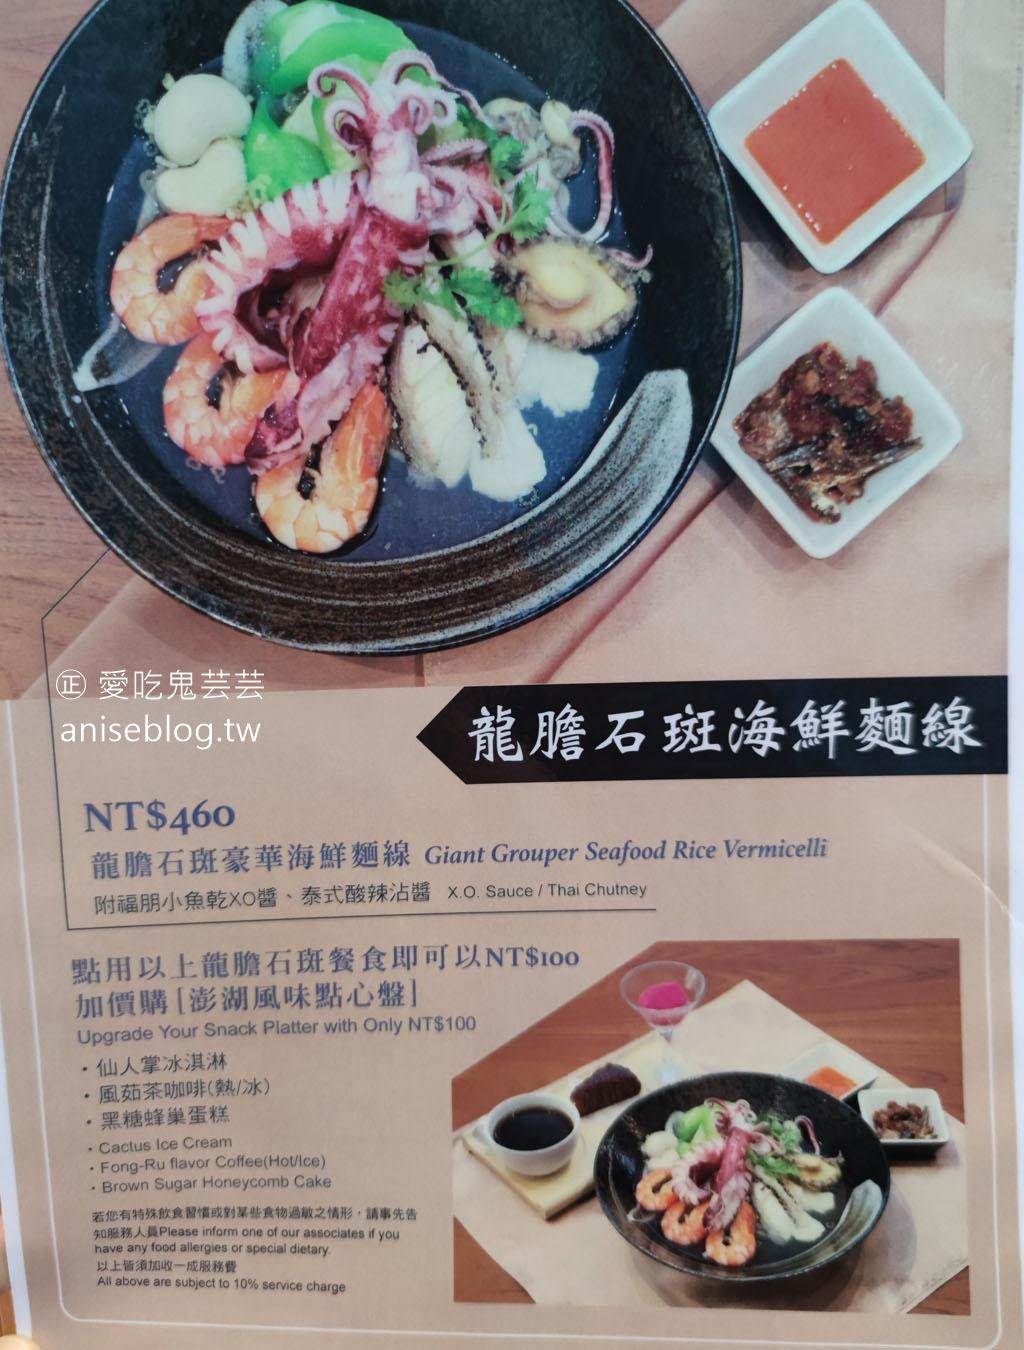 超奢華龍膽石斑豪華海鮮麵線@澎湖福朋喜來登酒店藍洞餐廳